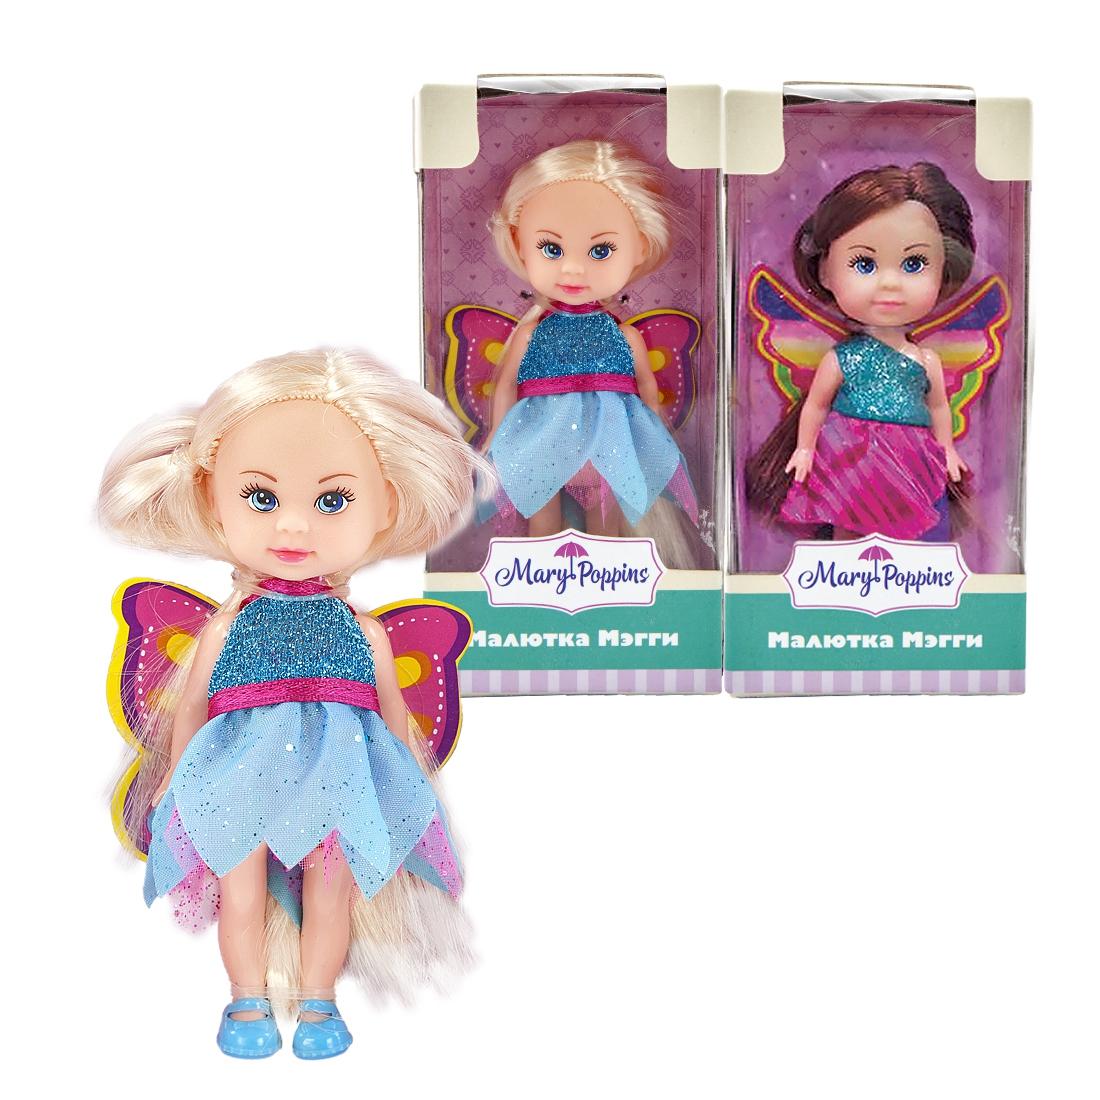 Другие куклы Mary Poppins Малютка Мэгги Феечка